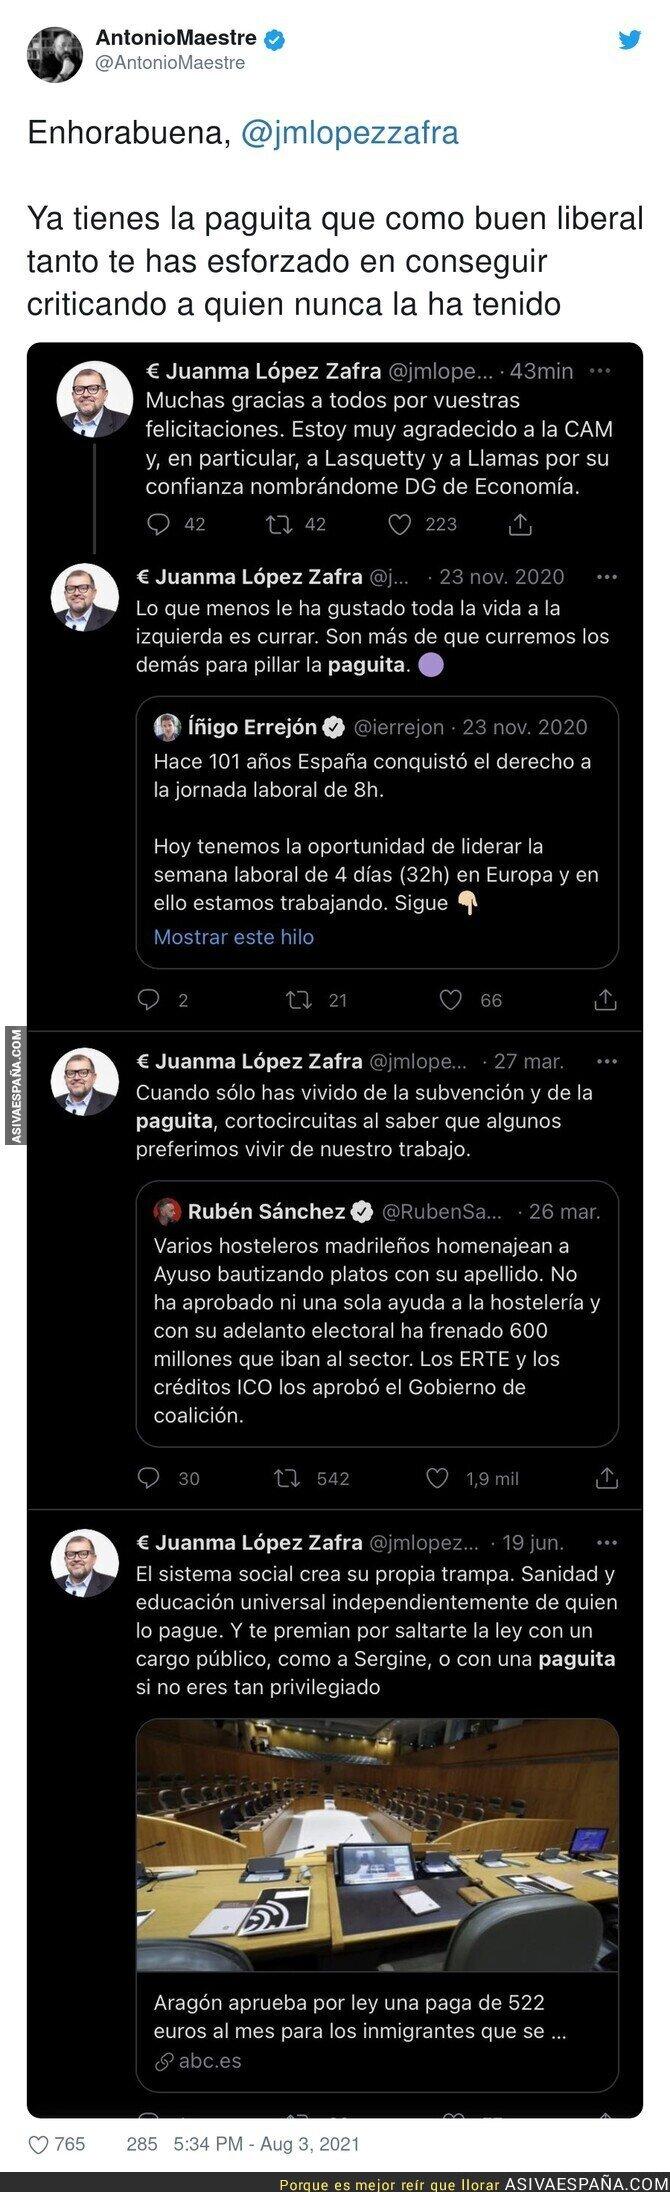 860768 - Juanma López Zafra ya forma parte de lo que lleva criticando tantos meses atrás en estos tuits